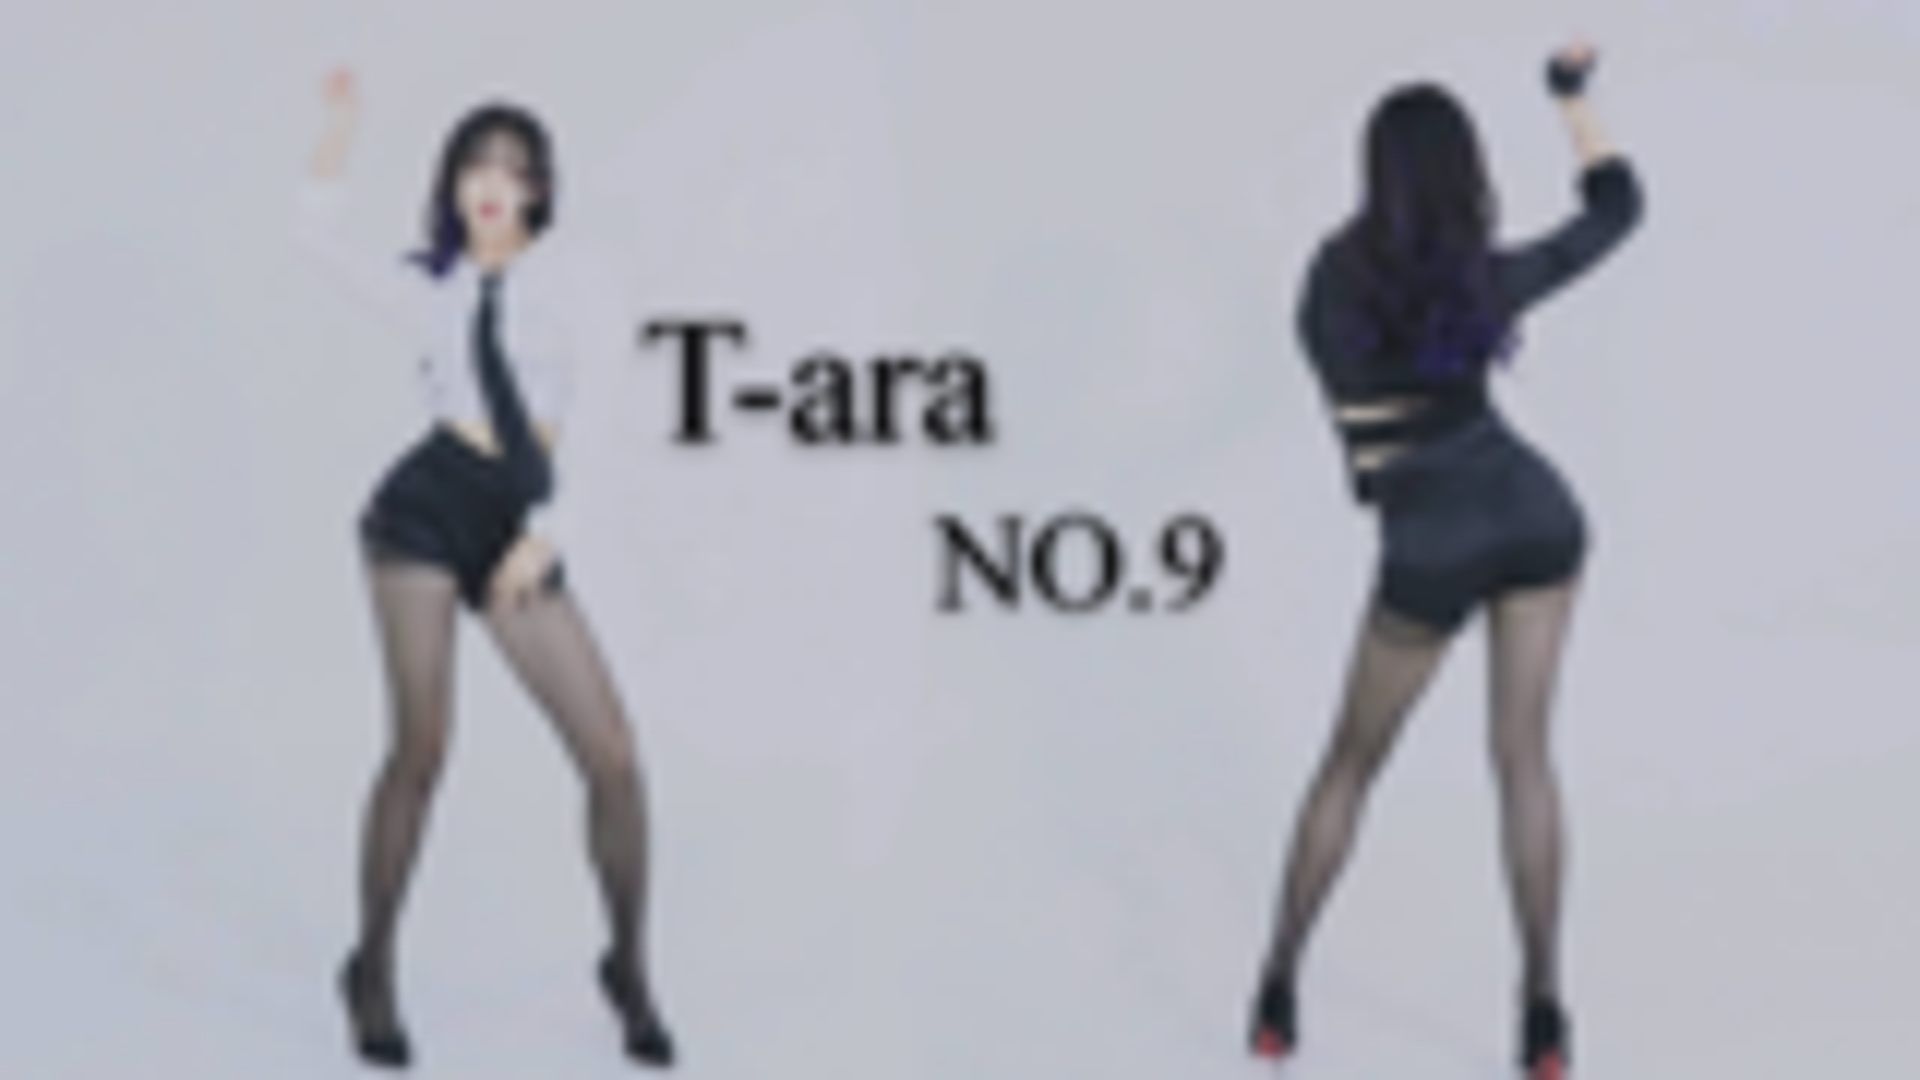 【慕】T-ara✘ NO.9✘ 战歌起!